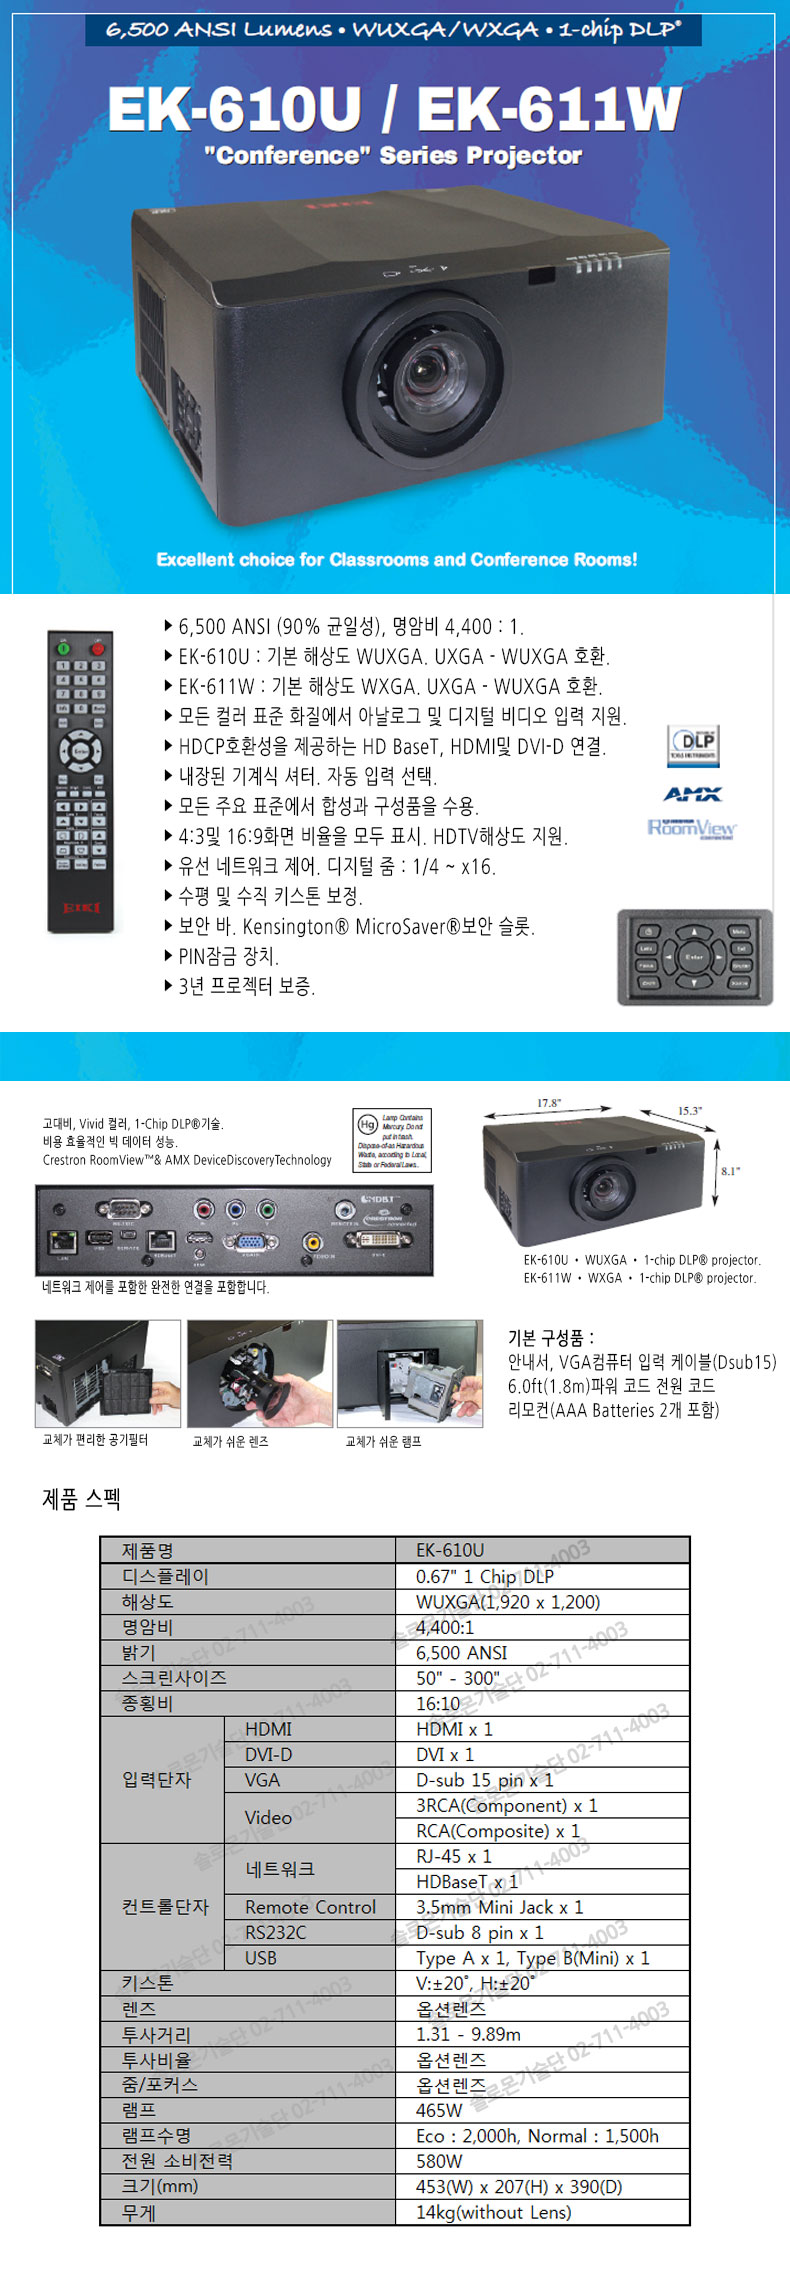 EIKI EK-610U DLP 프로젝터